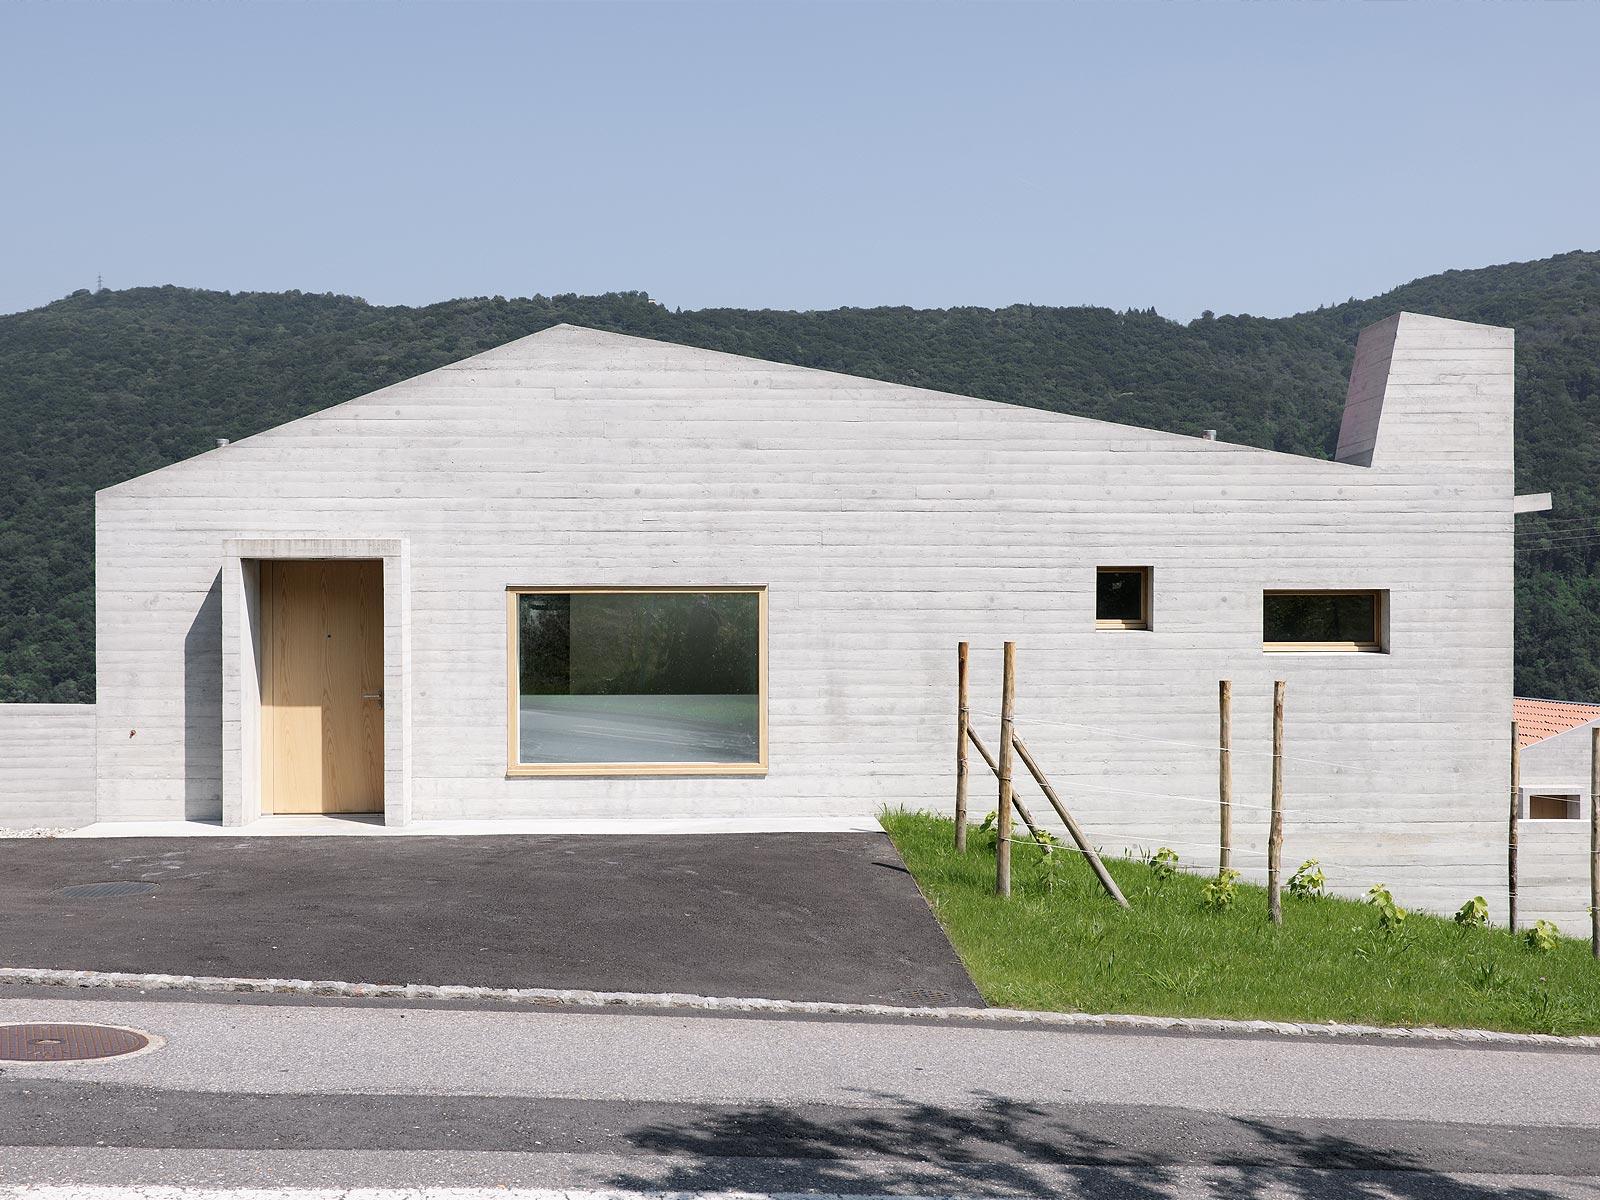 best architects architektur award studio meyer e piattini studio meyer e piattini 5. Black Bedroom Furniture Sets. Home Design Ideas